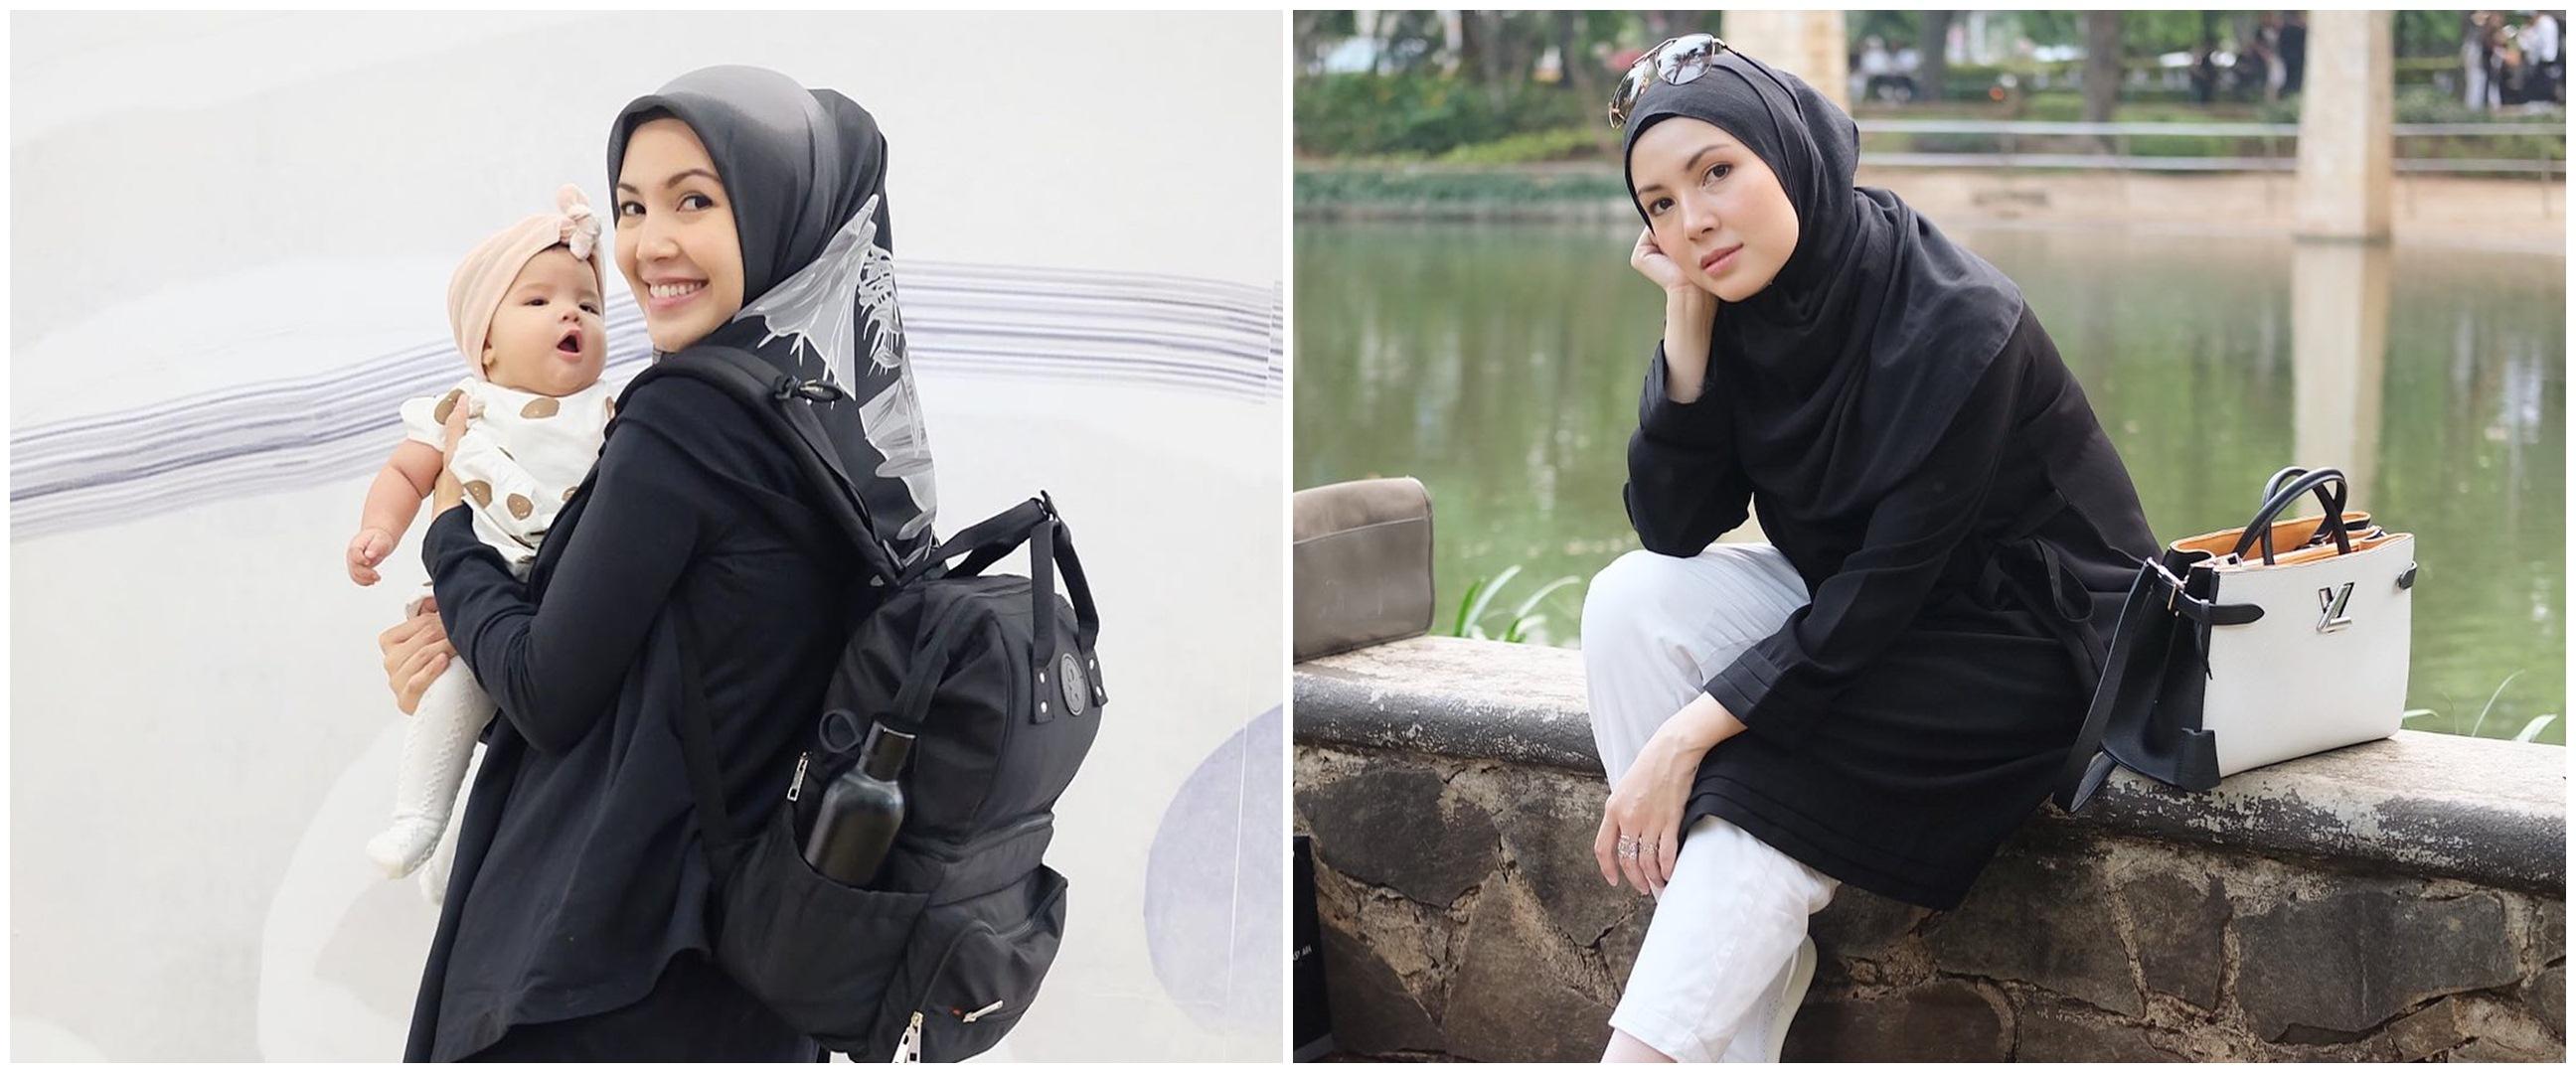 Unggah foto masa kecil, wajah Ratna Galih mirip sang putri